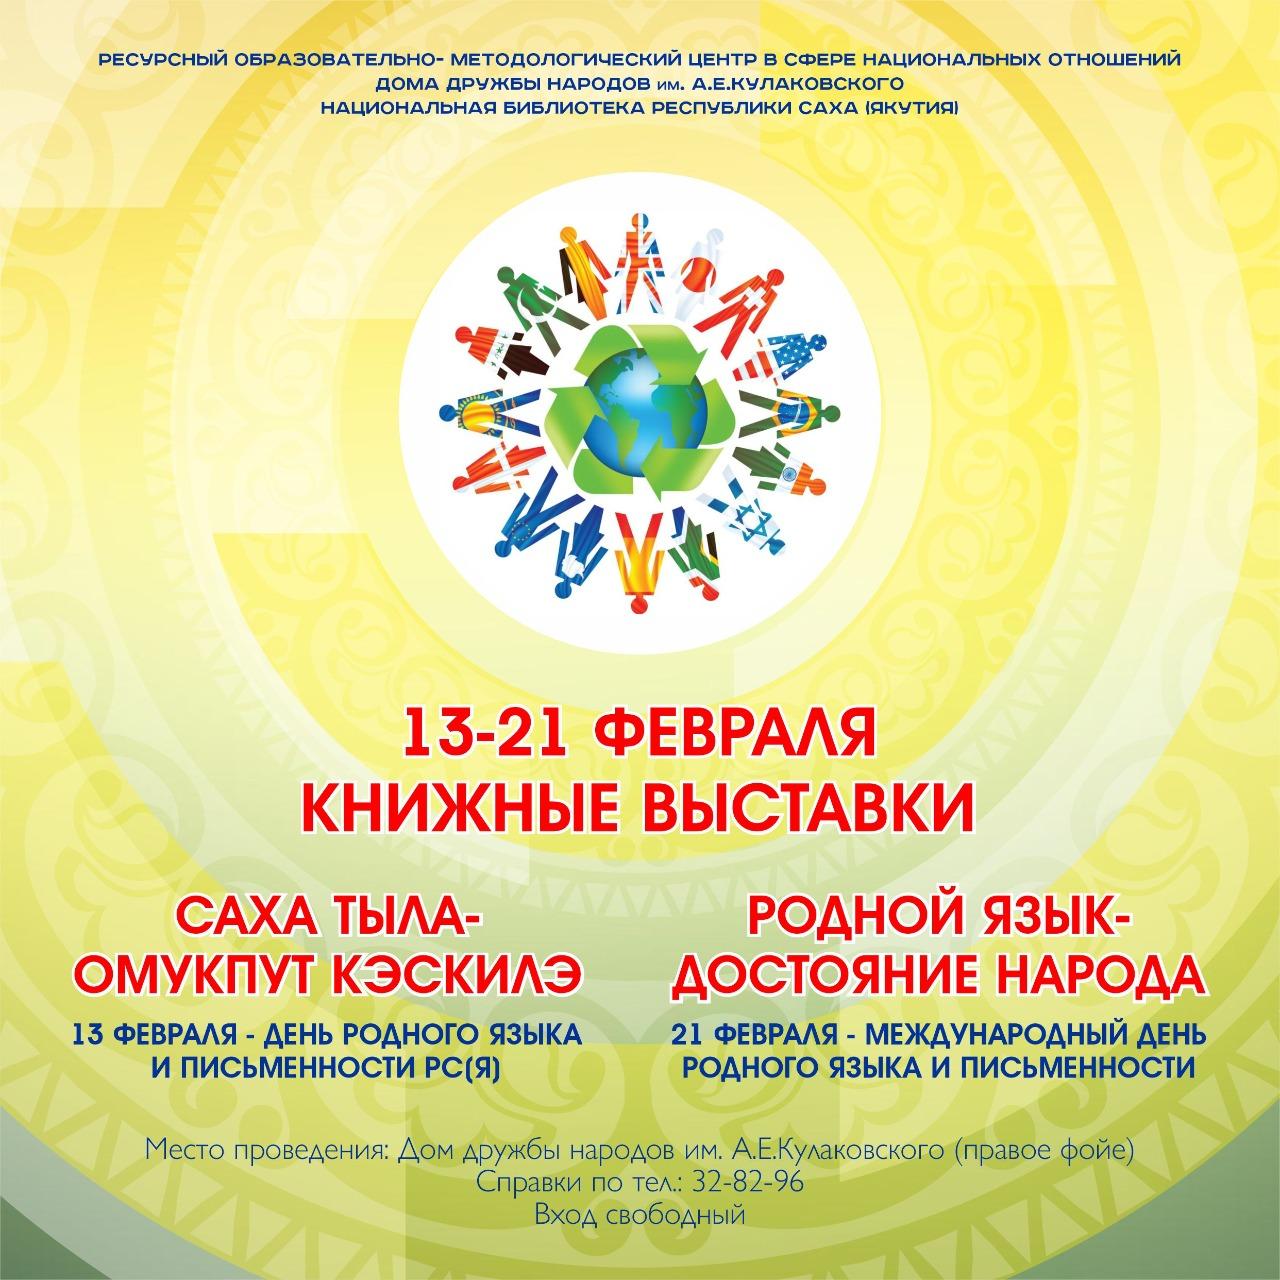 Выставки книг к Дням родного языка